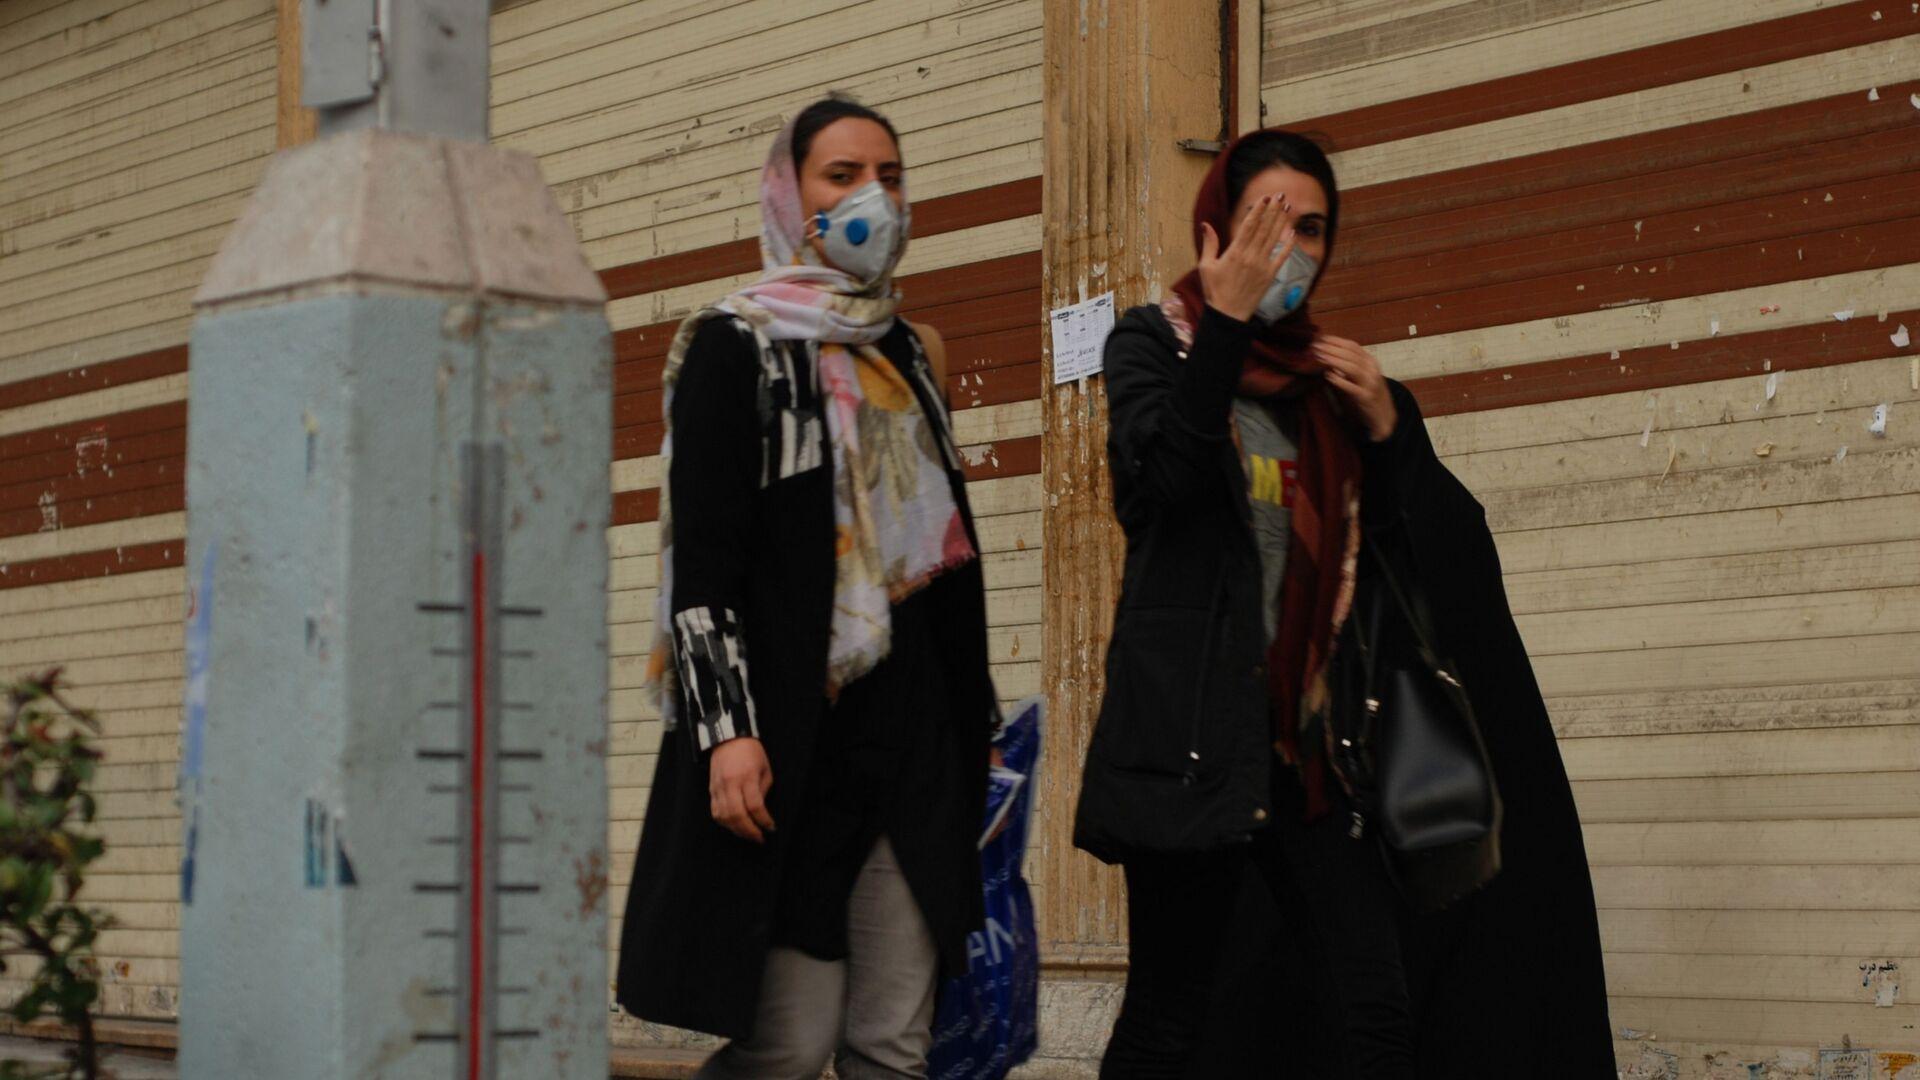 Жители Тегерана идут по одной из центральных улиц в медицинских масках - Sputnik Латвия, 1920, 15.06.2021